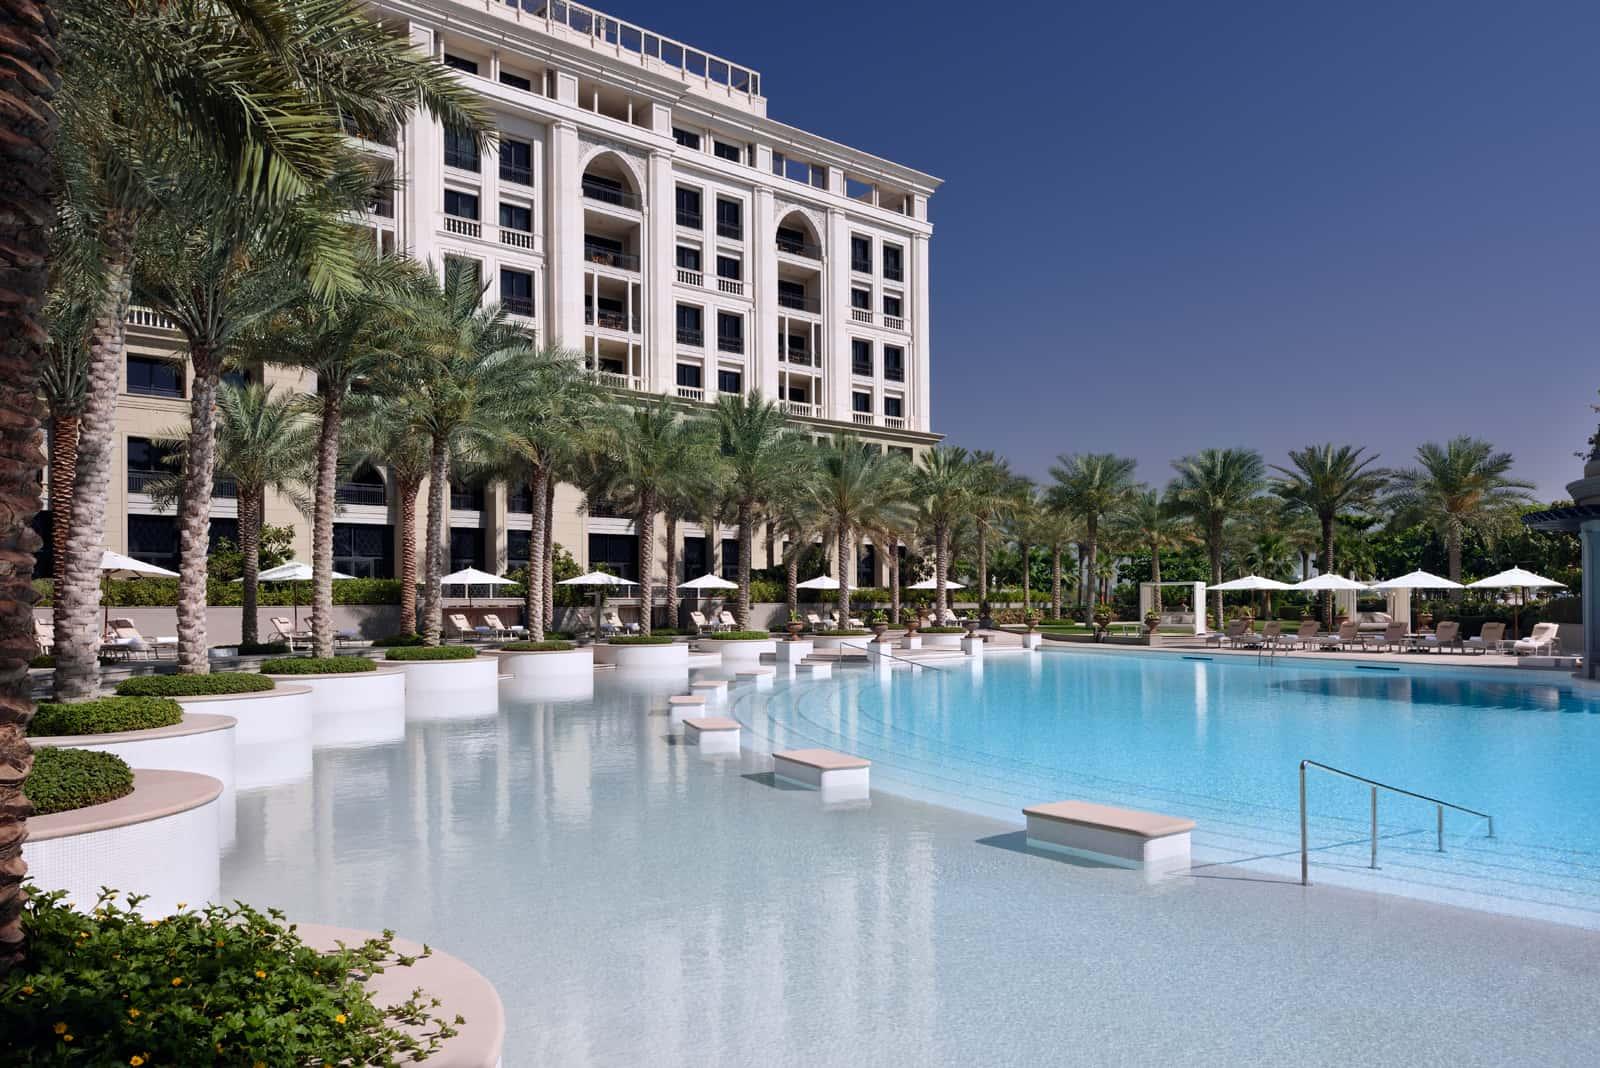 Pool Palazzo Versace Дубай, фото